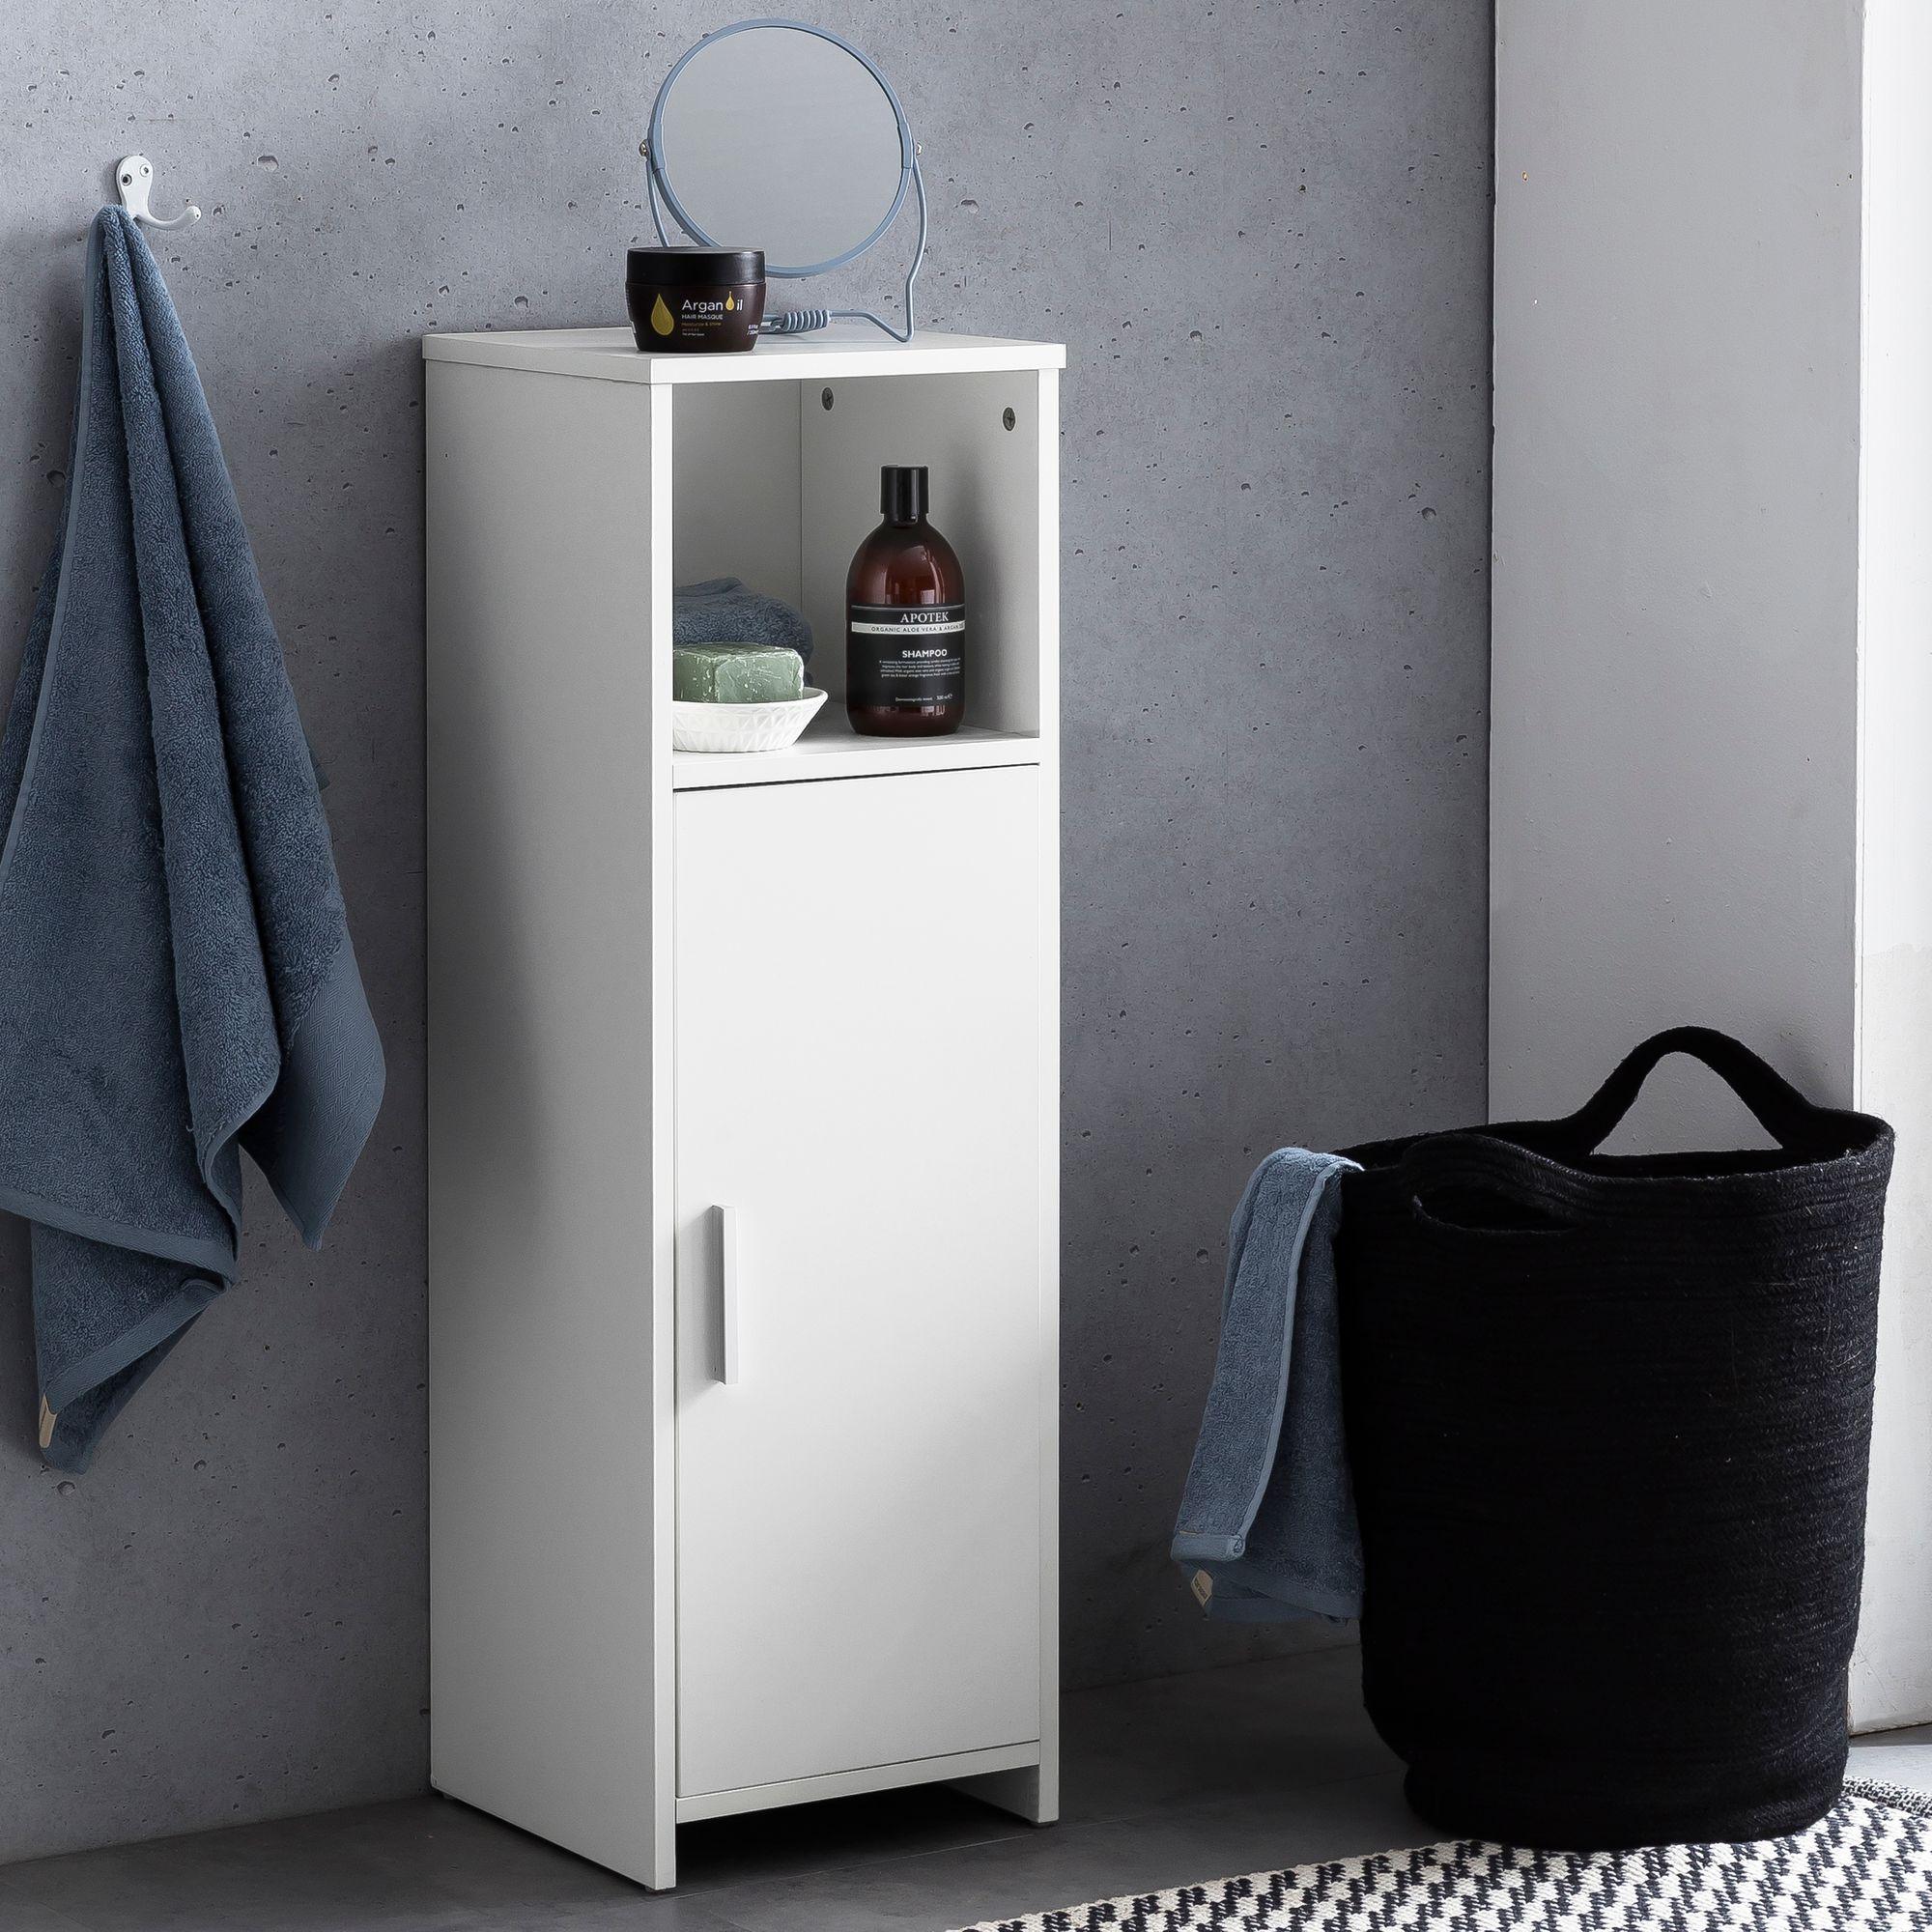 FineBuy Badschrank 20 x 20,20 x 20 cm Weiß Holz mit Tür und Ablagefach    Kleiner Bad Schrank Beistellschrank Stehend   Badregal Schmal Freistehend  ...